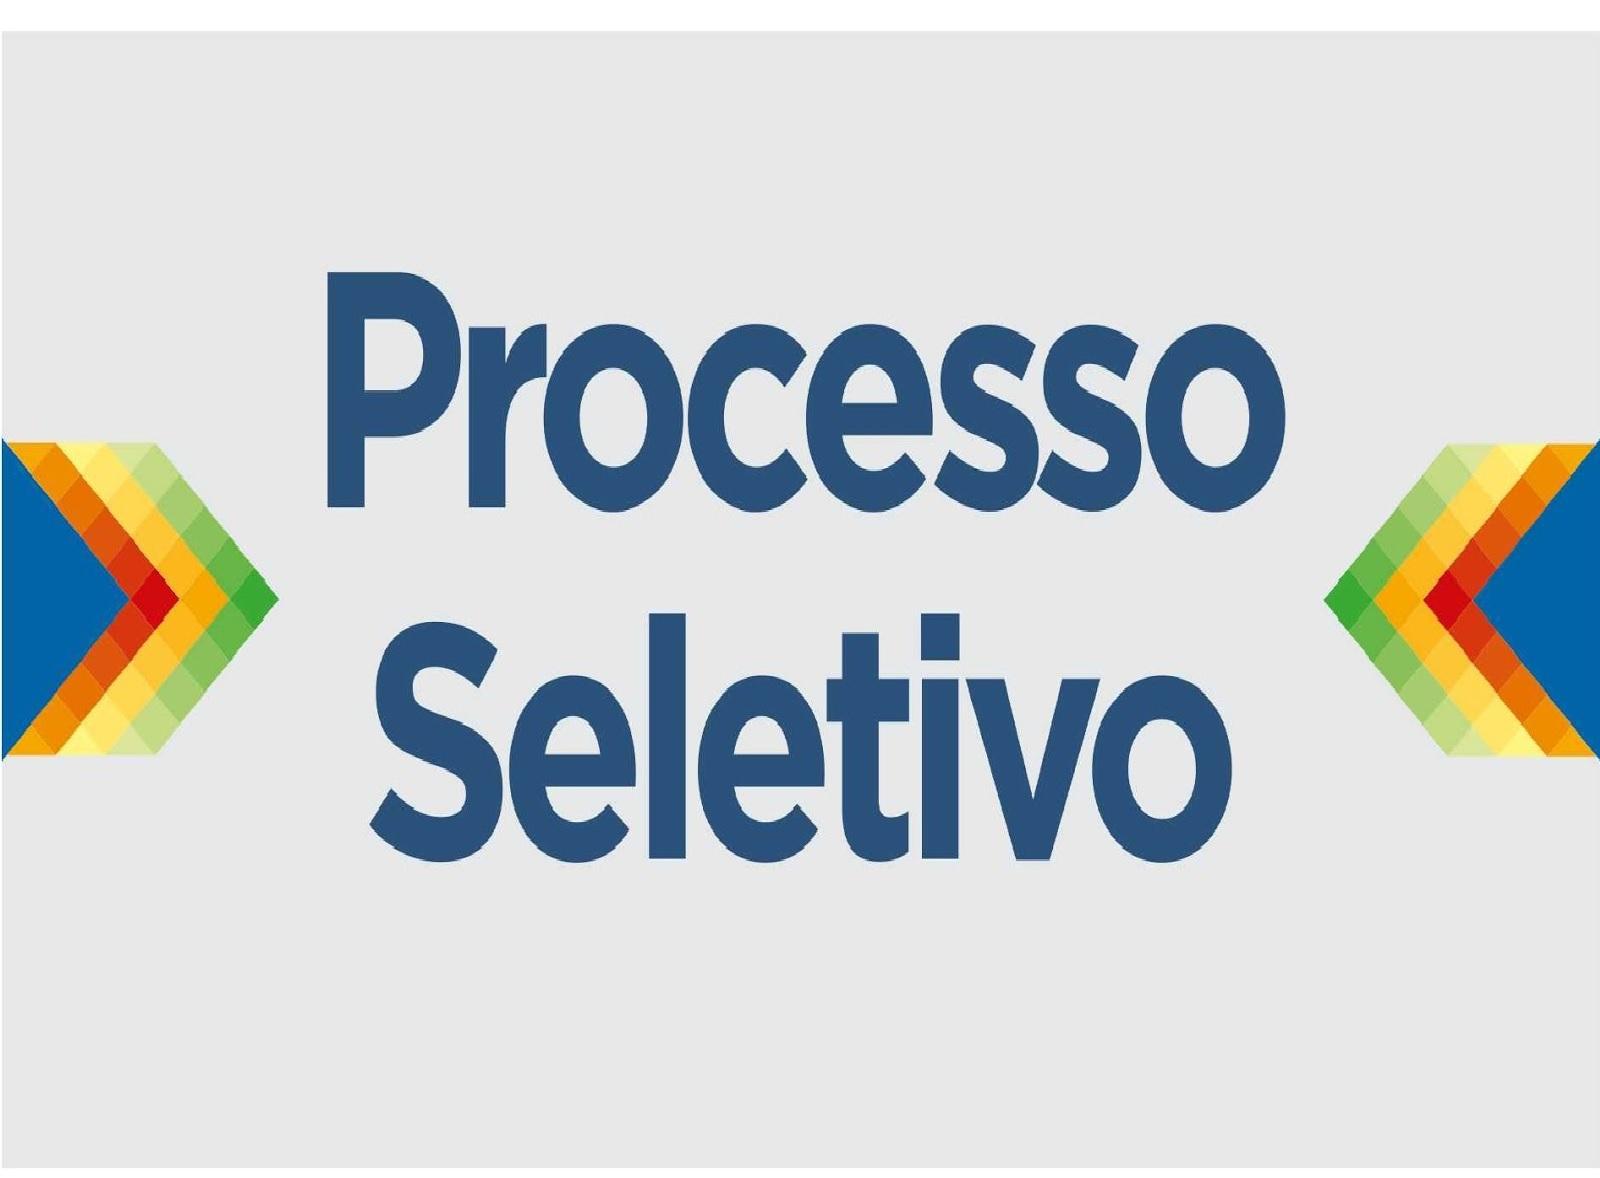 DIVULGAÇÃO DO RESULTADO FINAL PROCESSO SELETIVO 003-2018 - Notícias -  Consórcio de Desenvolvimento Sustentável do Território Bacia do Paramirim ba2ece9ed05e5